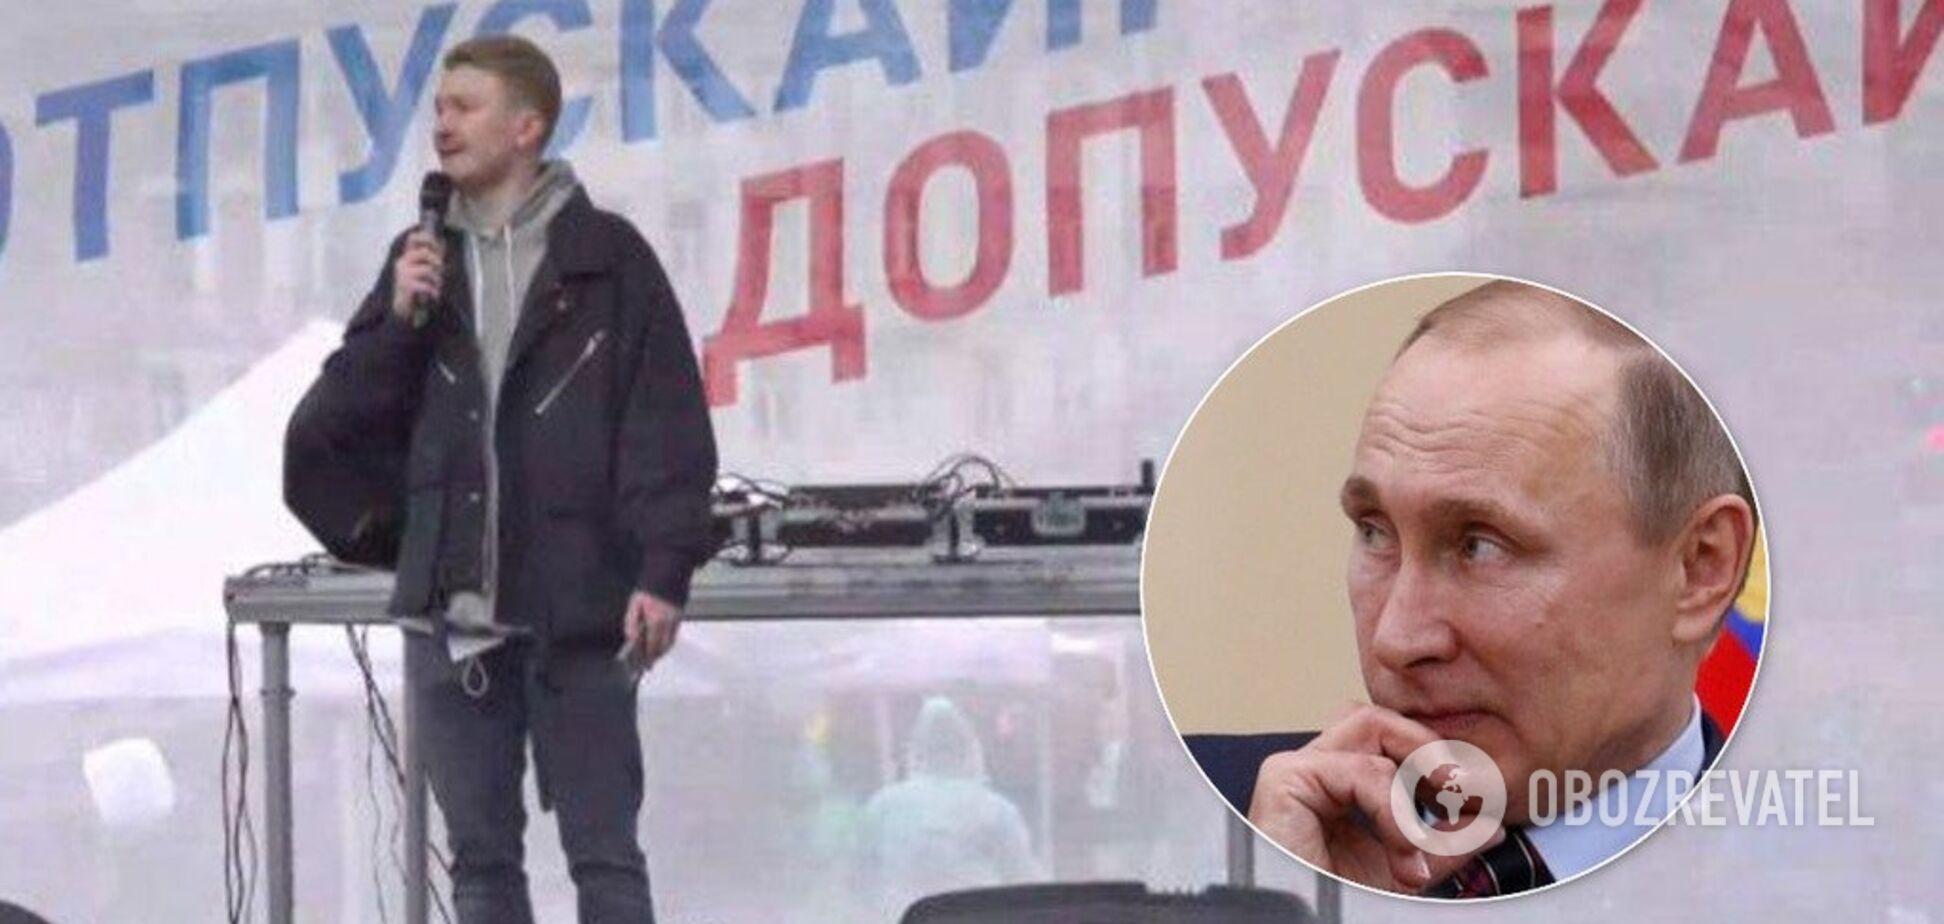 'Досить нас залякувати!' Відомий комік жорстко звернувся до влади на мітингу в Москві